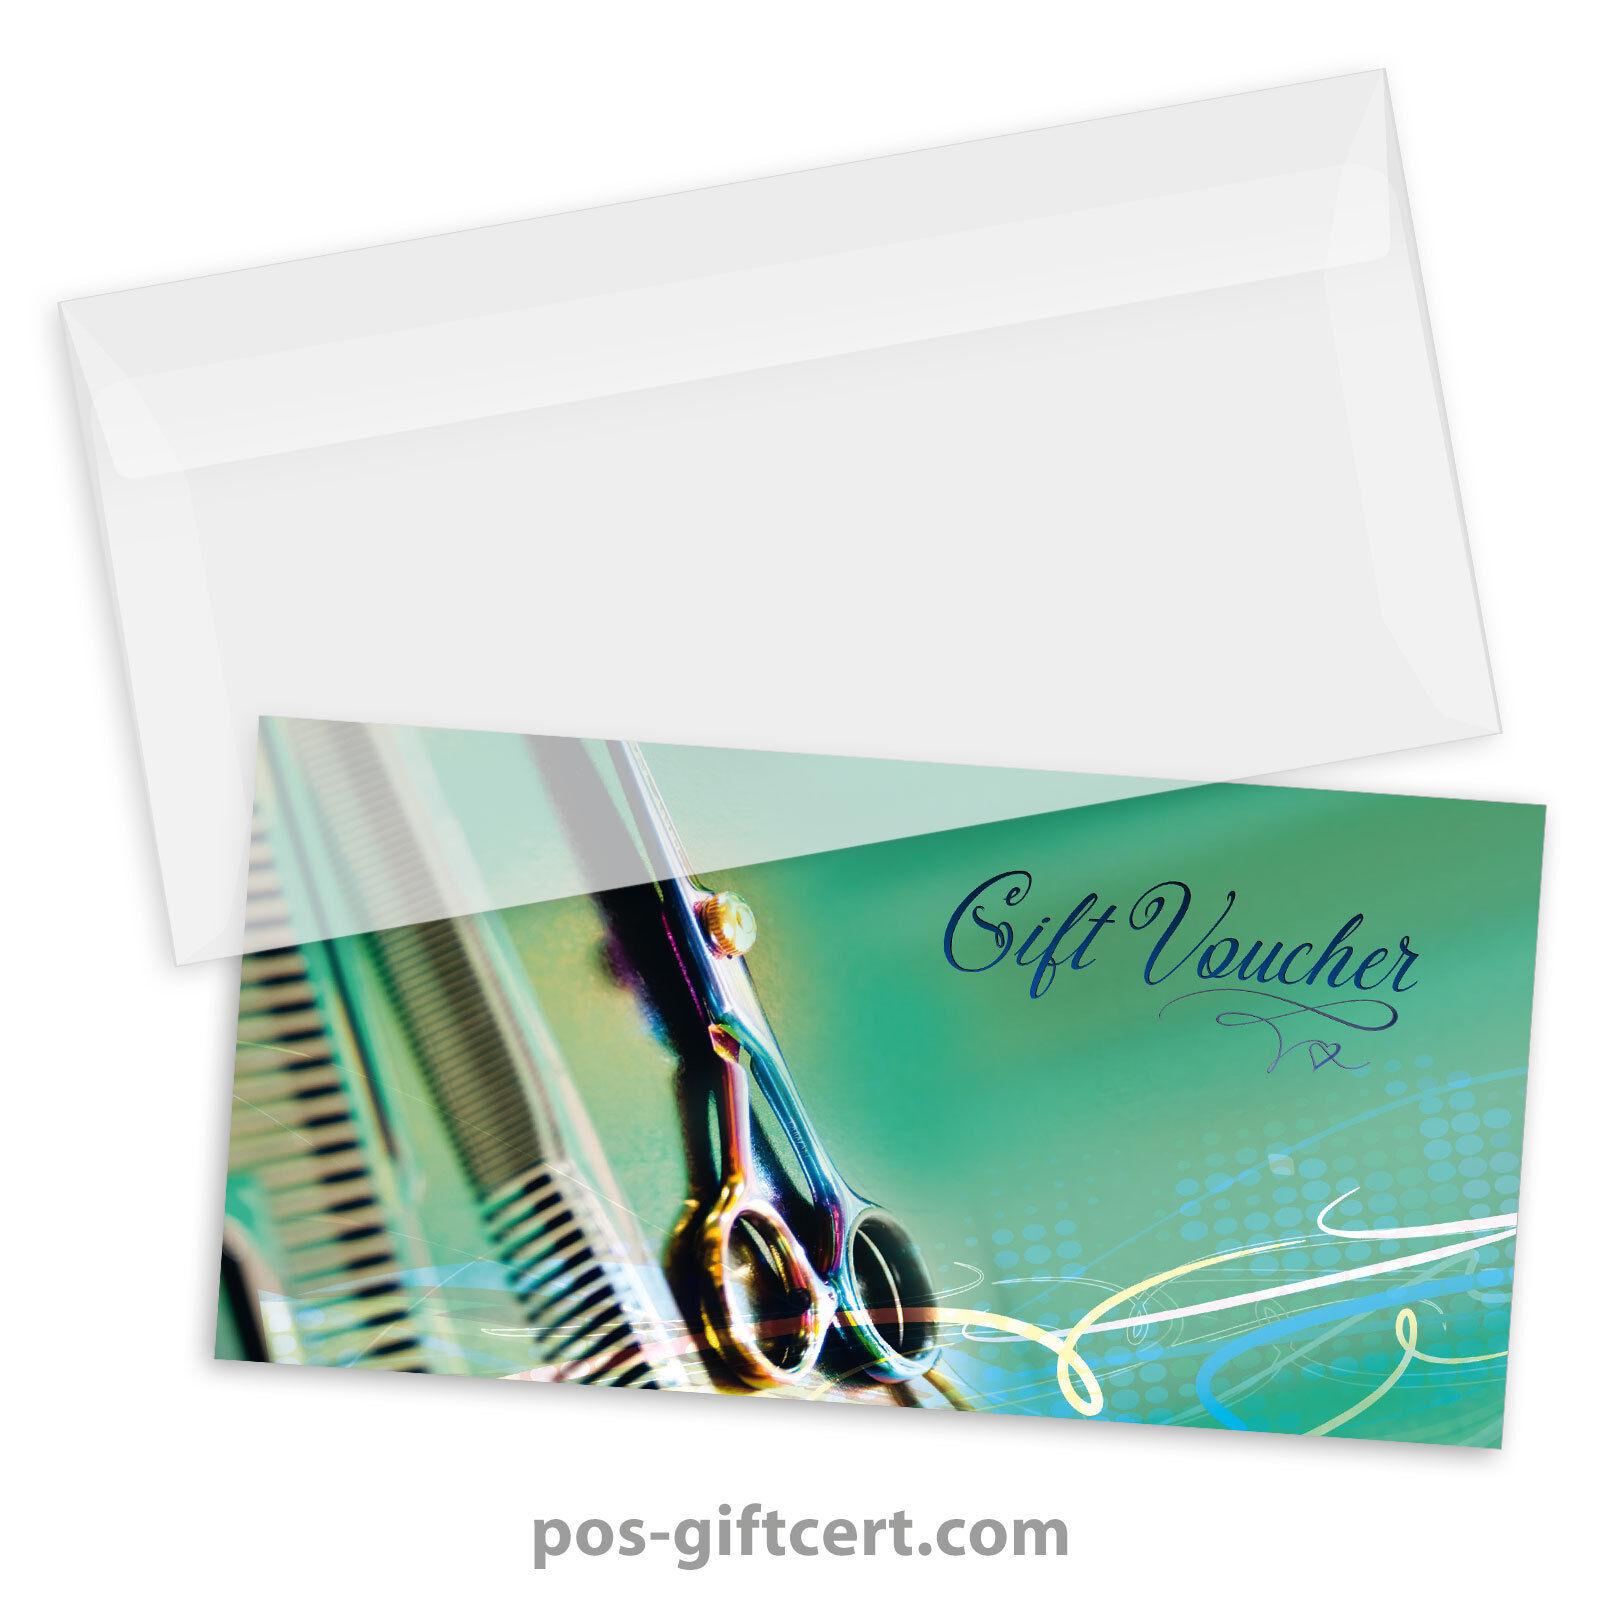 Gift vouchers  envelopes for hair salons, hairdressers, hairstylists K9286GB  | Neue Sorten werden eingeführt  | Charakteristisch